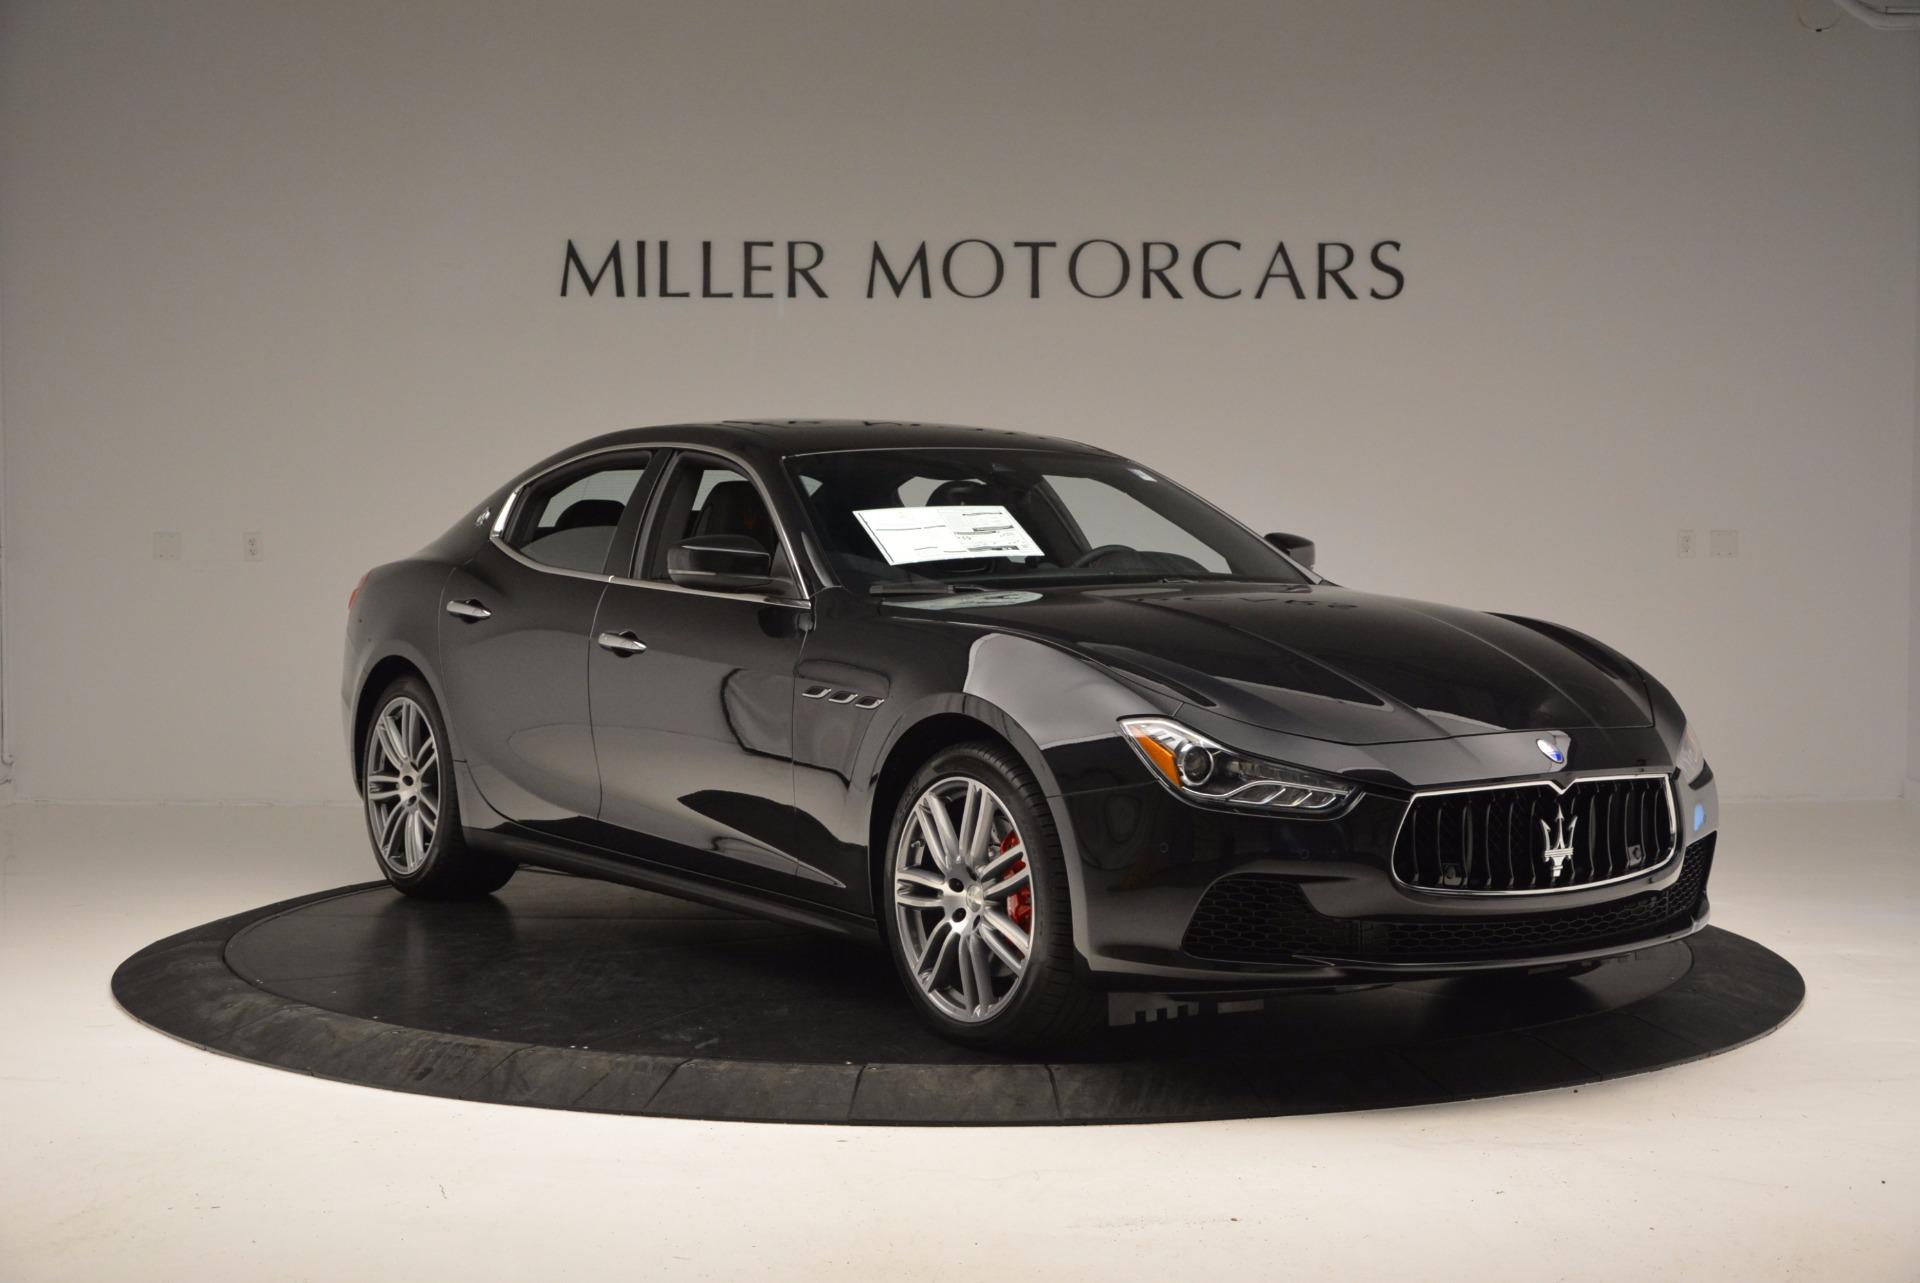 New 2017 Maserati Ghibli S Q4 For Sale In Greenwich, CT 1022_p11